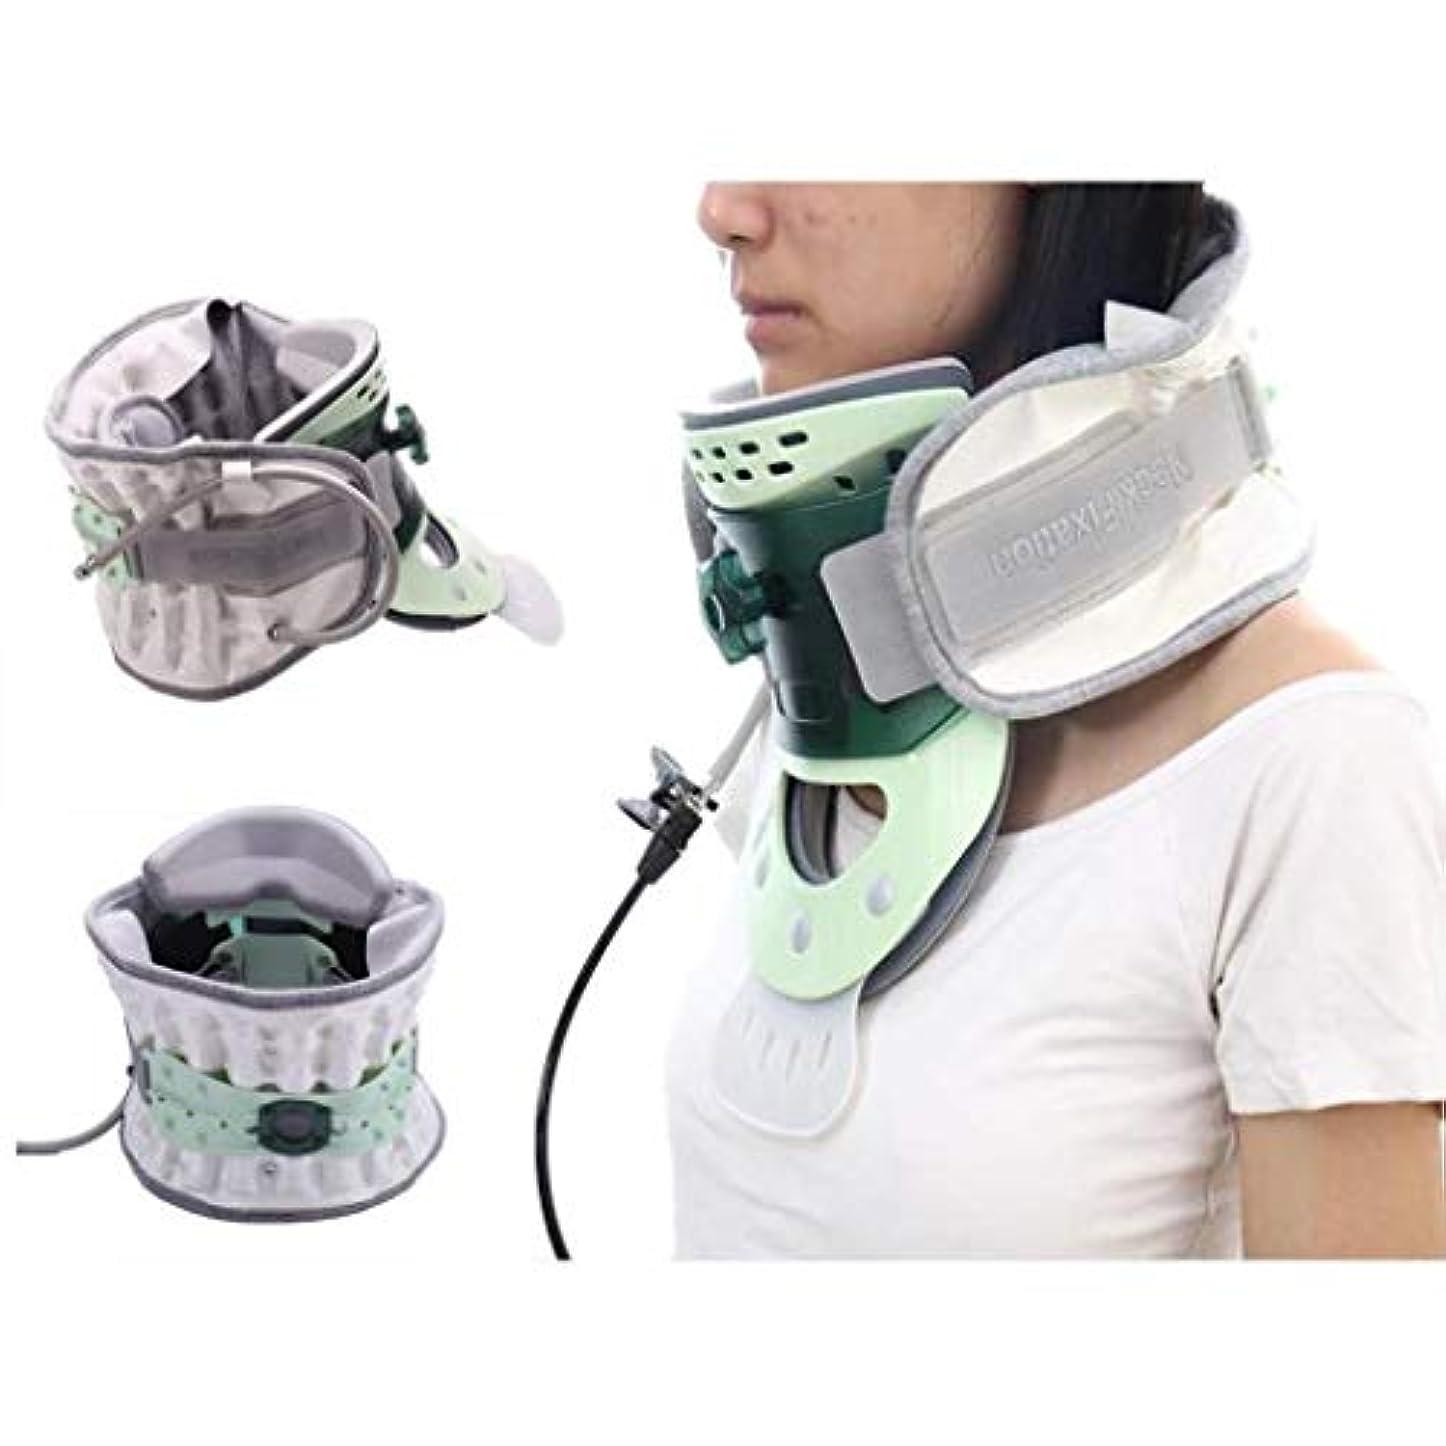 エレガントヒロインスリンク首の痛みや頸椎症の人に適したインフレータブル頸椎トラクター、首牽引装置、家の保護頸椎矯正器具